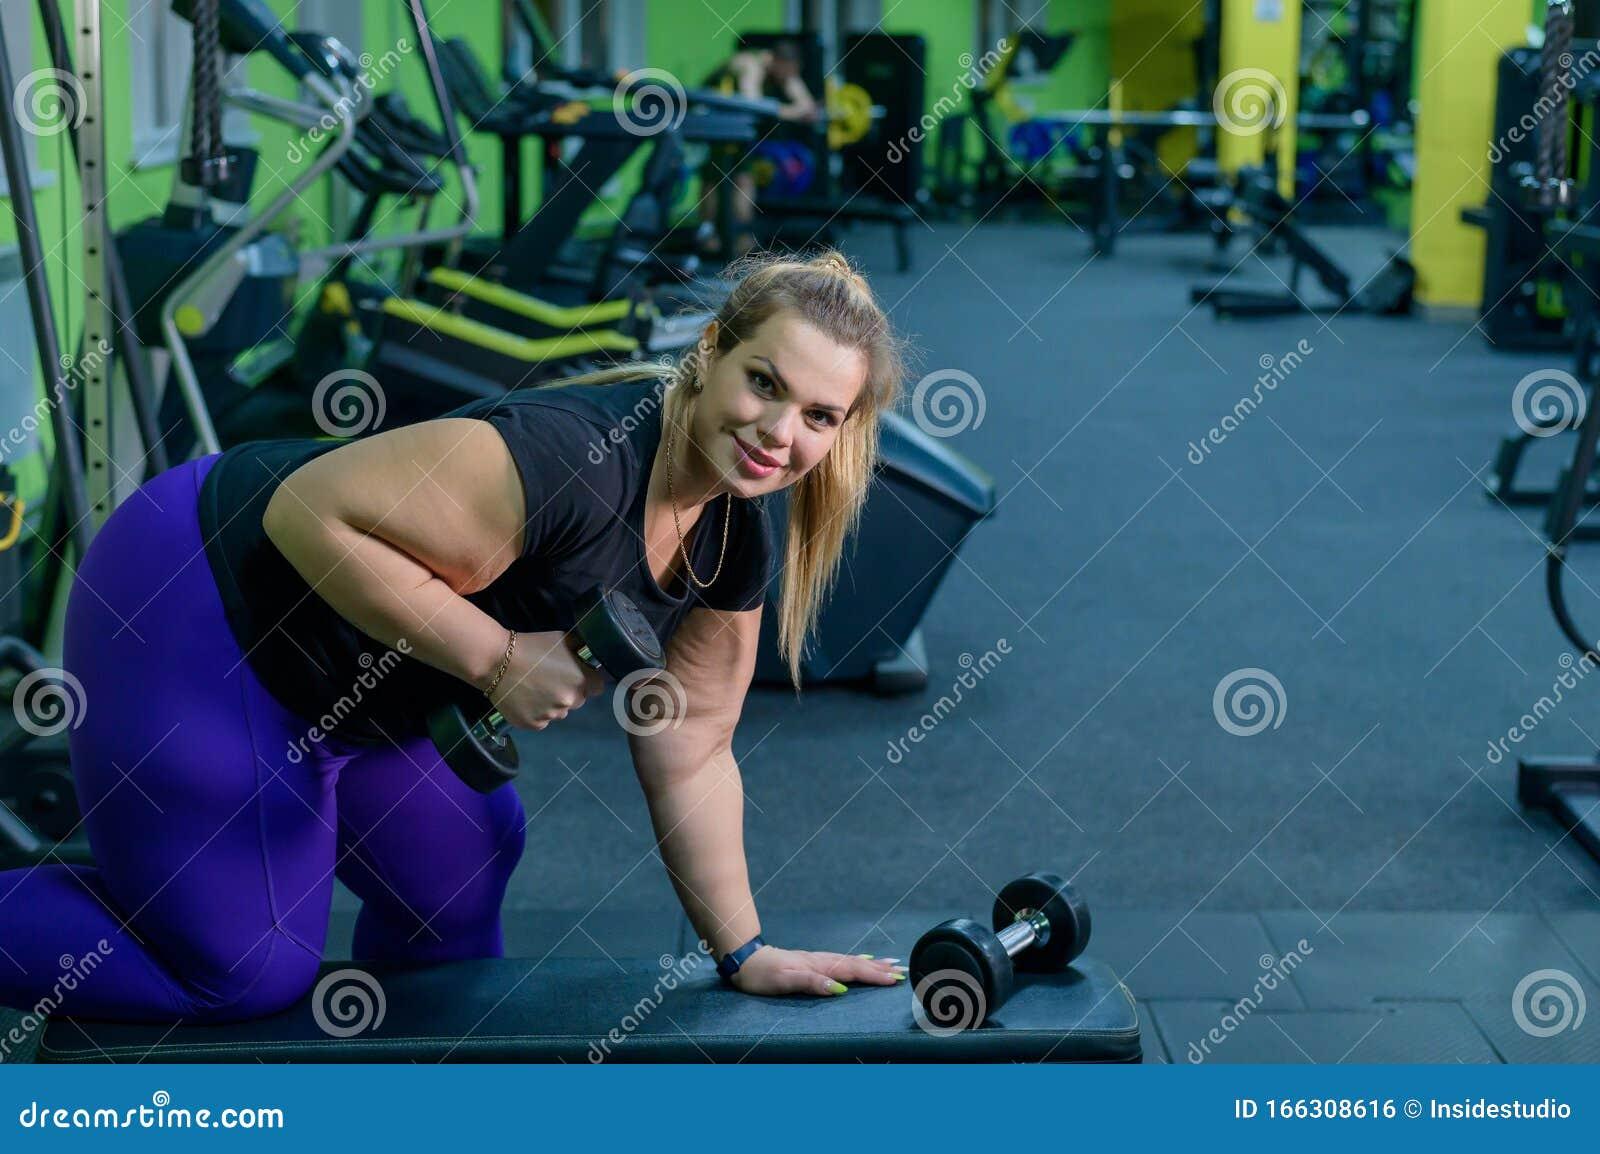 Eine Fettleibige Frau Trainiert Mit Den Mulden Auf Einer Bank Im Fitnessraum Die Fette Blondine